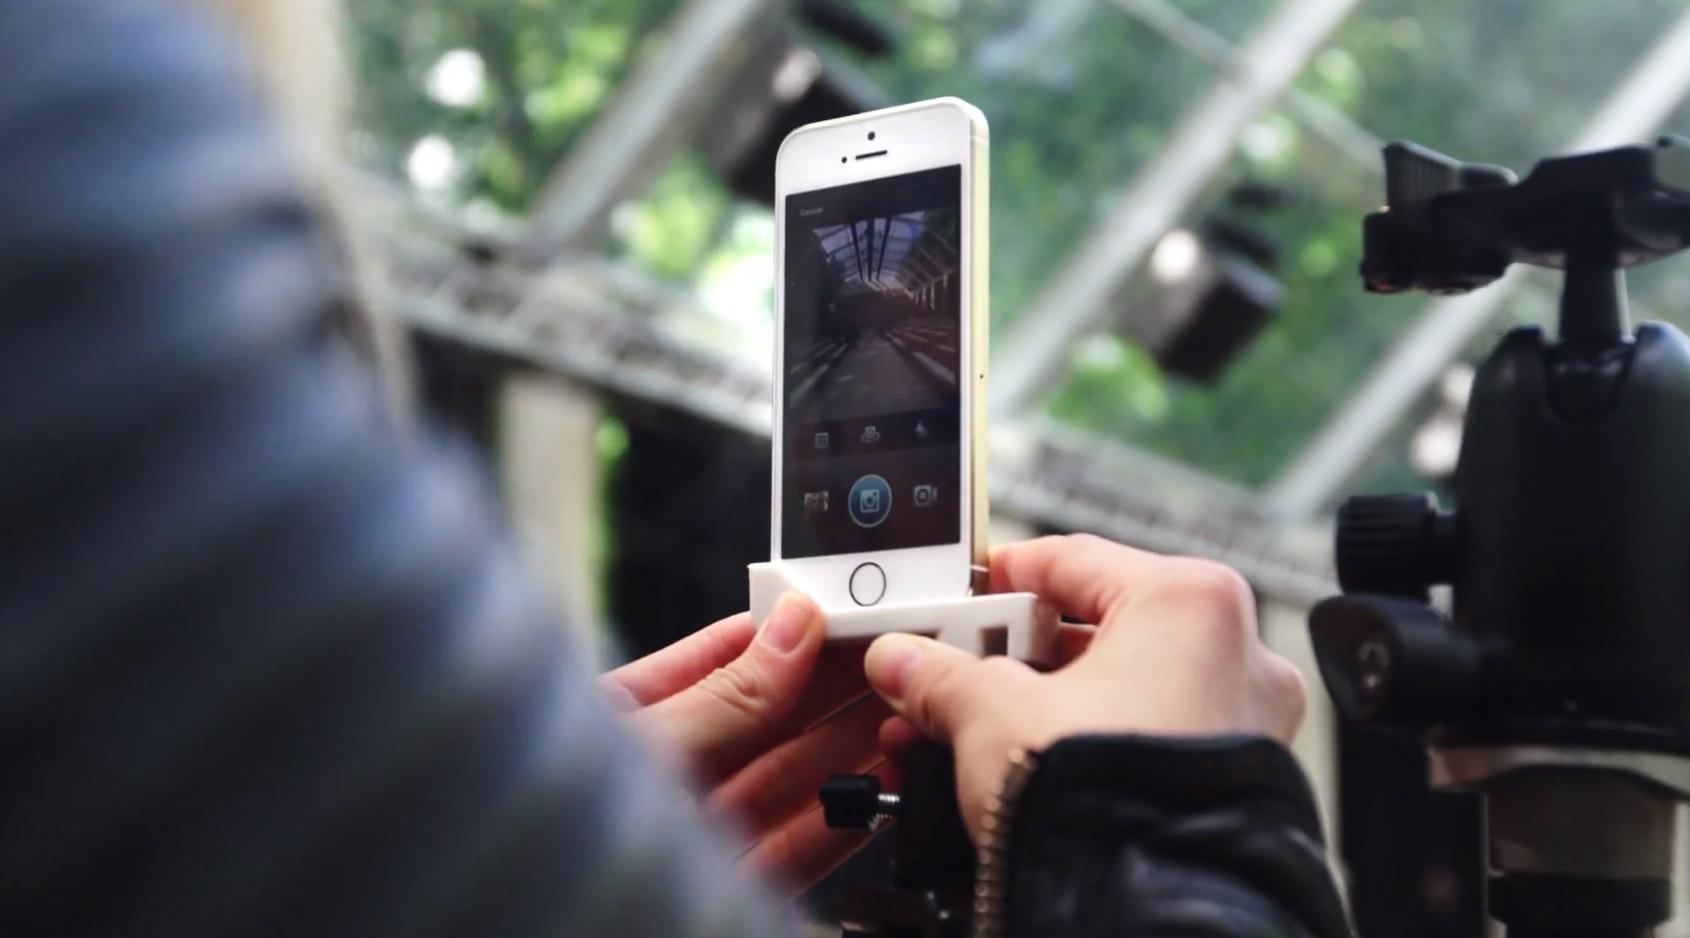 Comercial do iPhone 5s (desfile da Burberry)